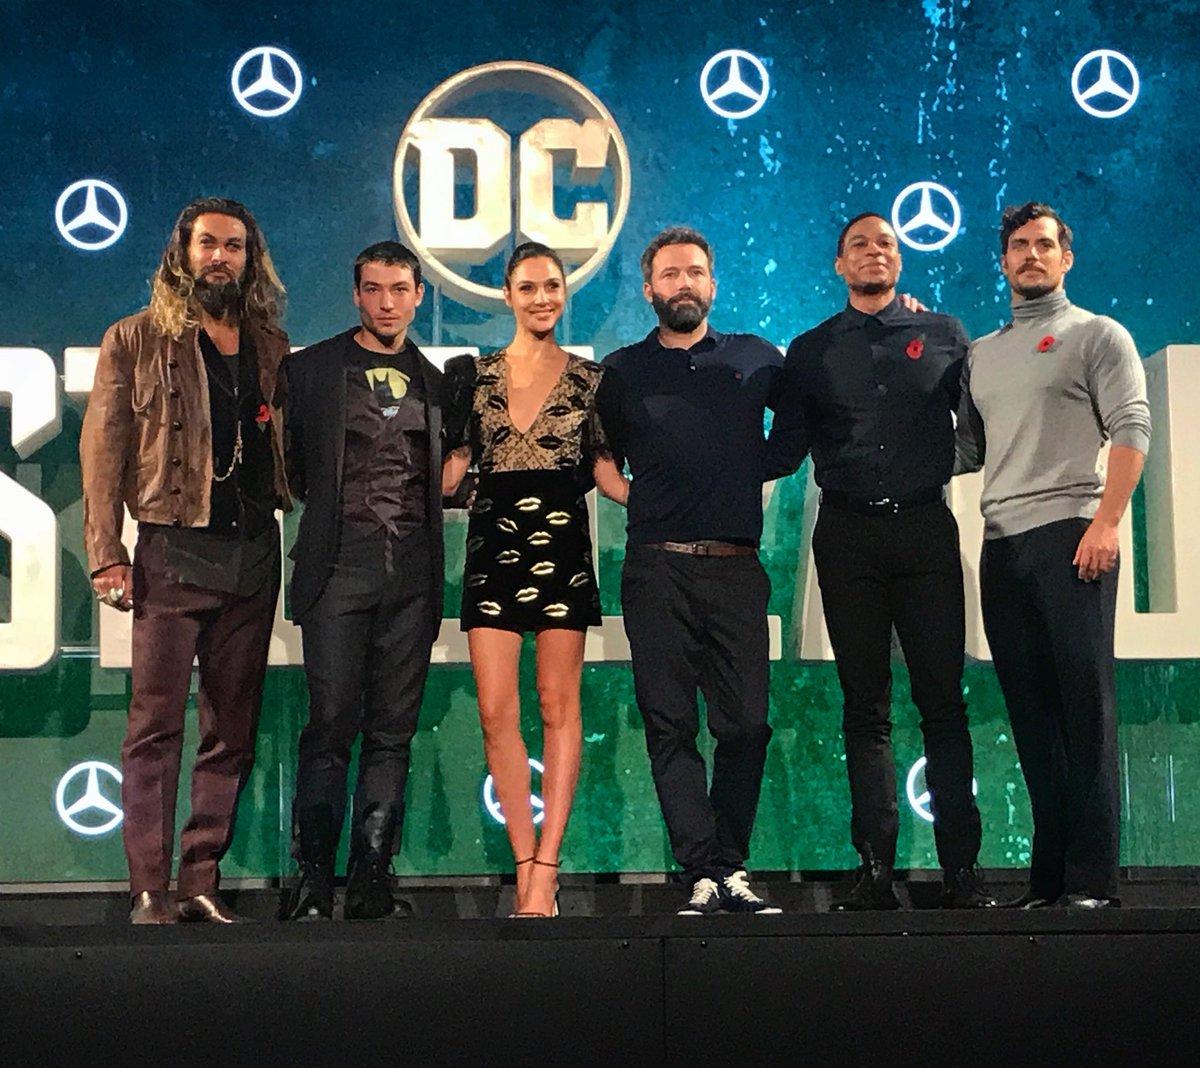 Justice League part 1 de Zack Snyder ( 2017) Finalement ça va se faire ! (avec Josh Whedon aussi!) - Page 6 DNygjUcUQAA4mwx